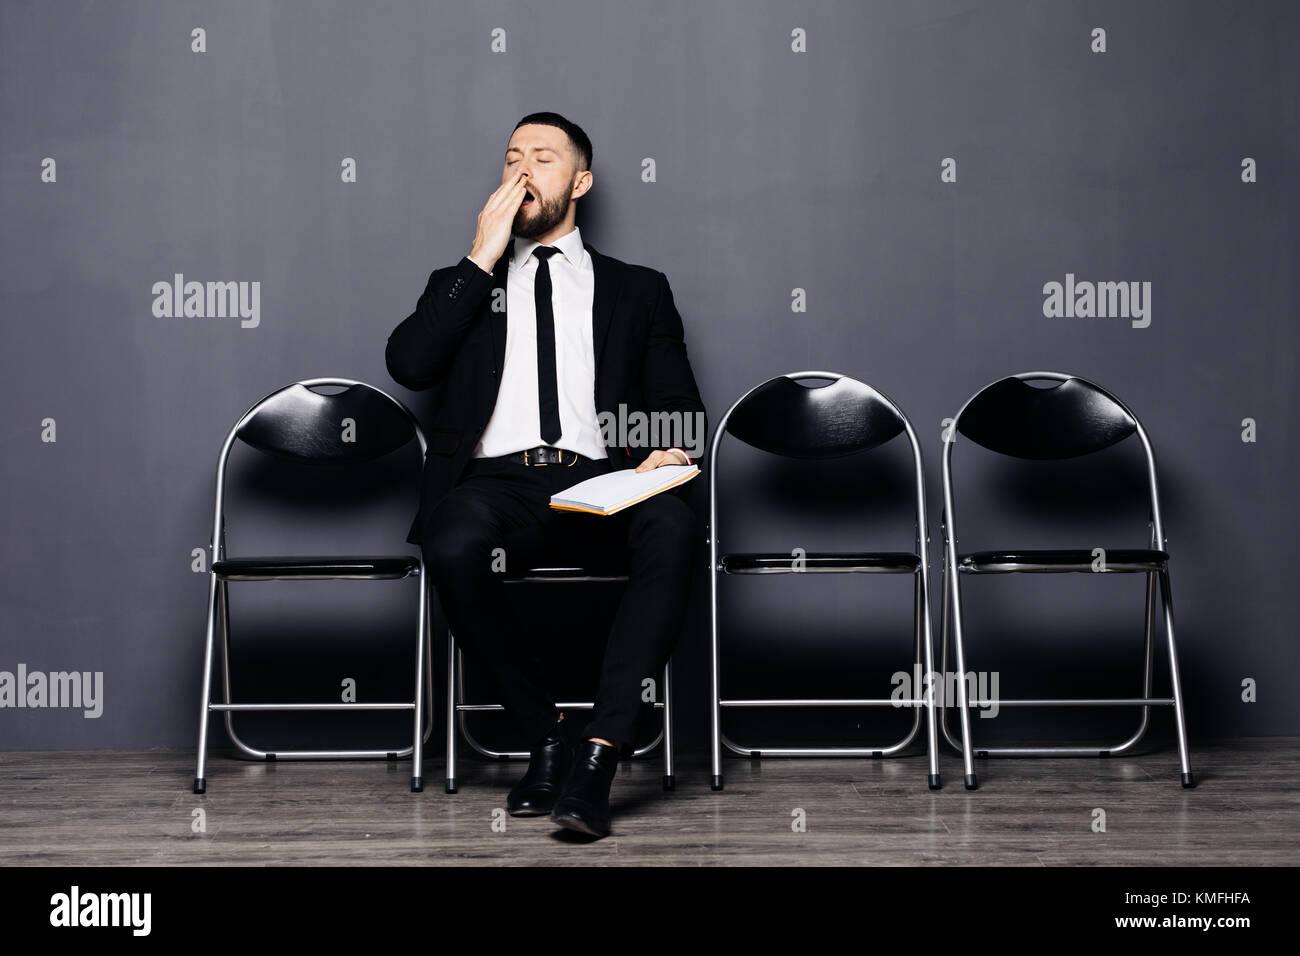 Grave barbuto giovane uomo in bicchieri e abbigliamento formale di imbardata è seduto nella hall sulla sedia Immagini Stock